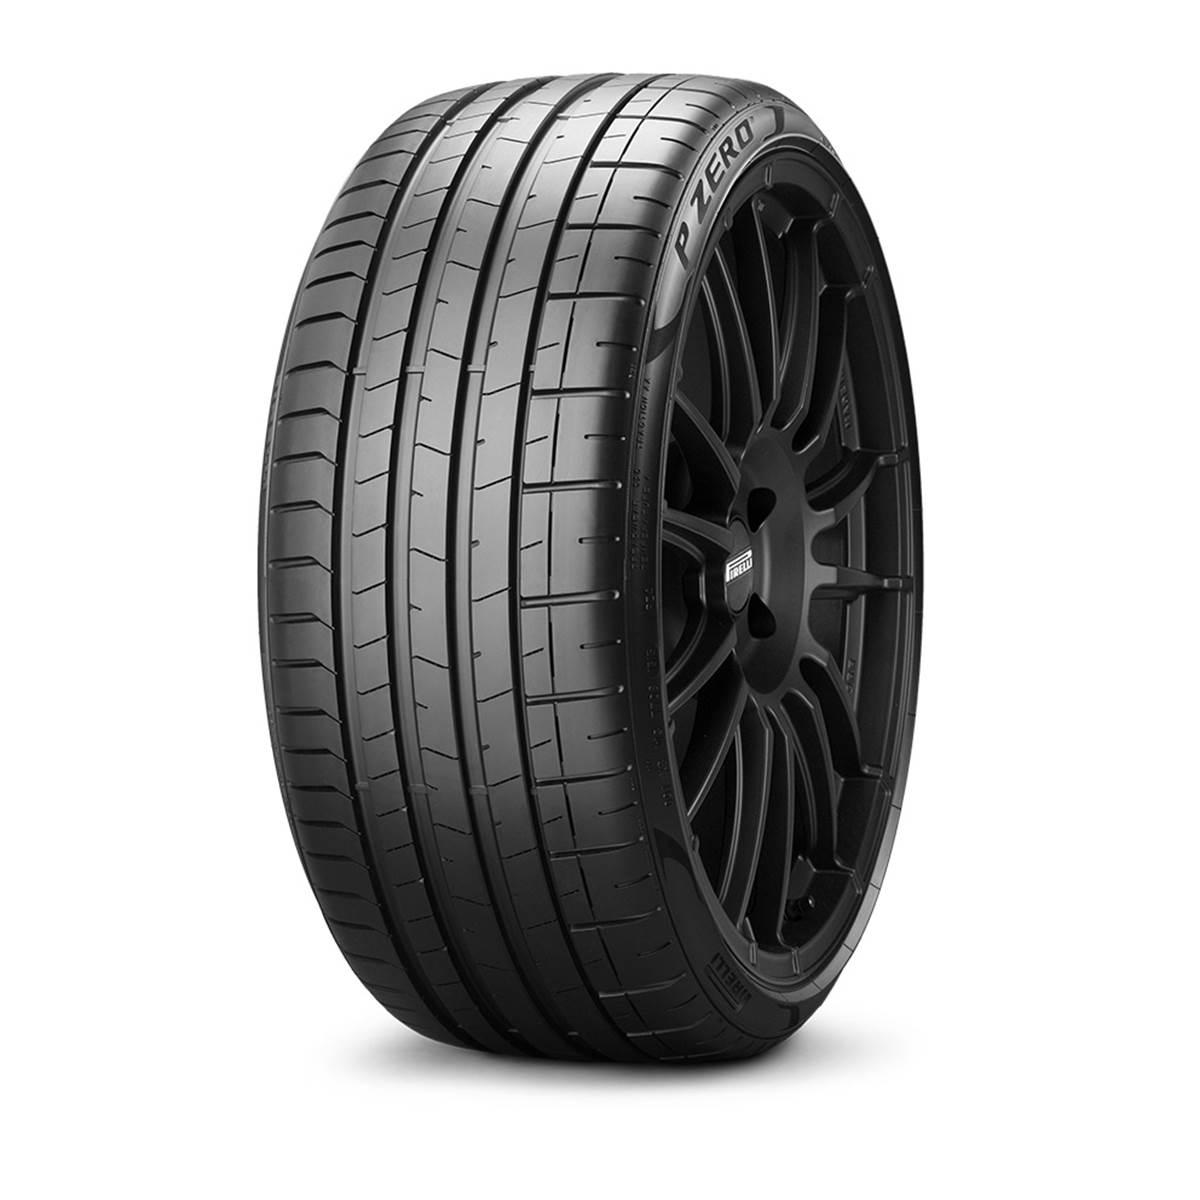 Pneu Pirelli 245/35R18 92Y Pzero XL